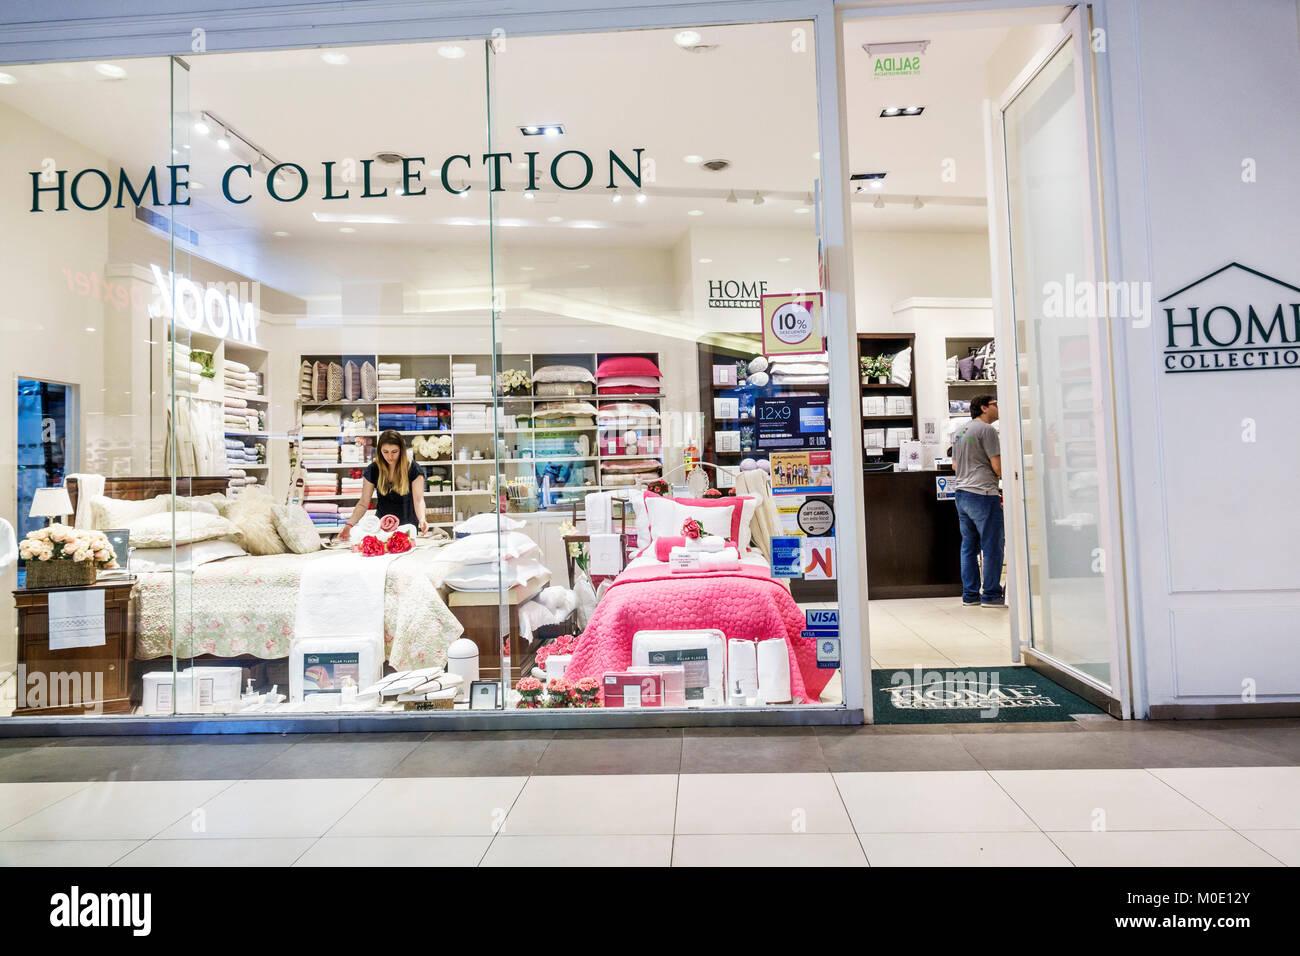 6ea6354722 Buenos Aires Argentina Abasto Shopping Mall Home Collezione home prodotti negozio  di biancheria da letto biancheria da letto shopping ispanica ingresso ...